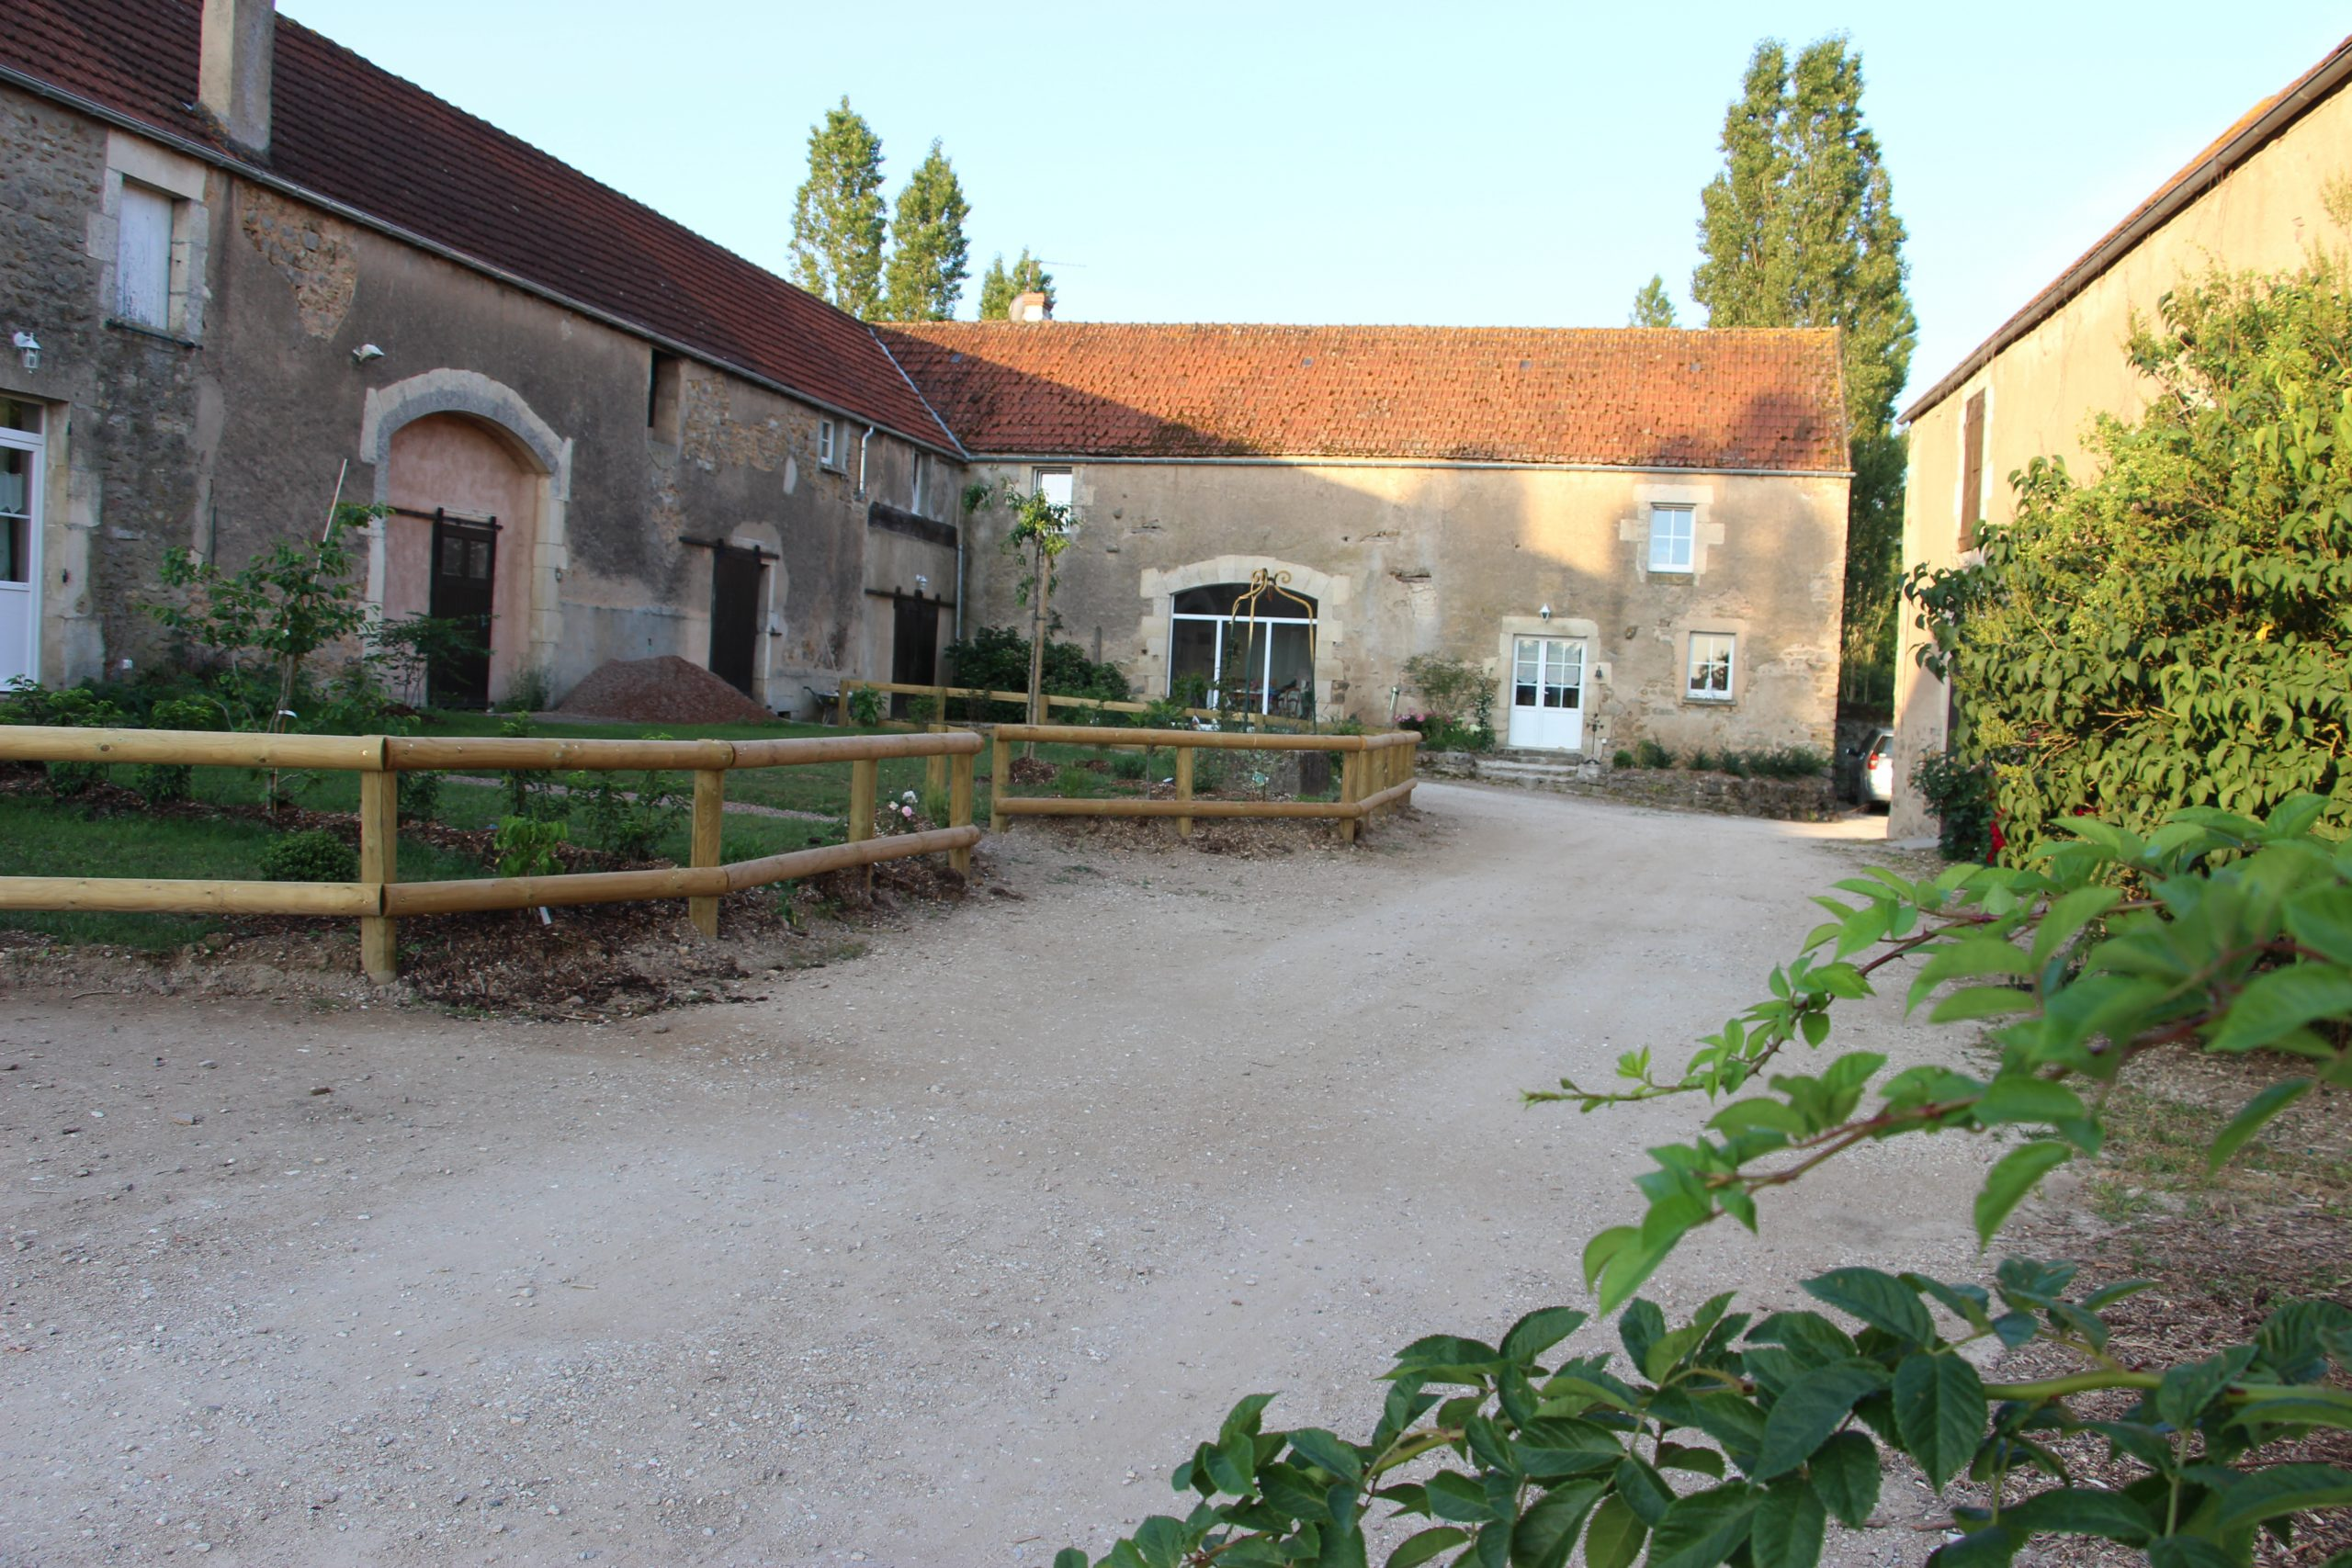 La Ferme Du Bois-Dieu - Piscine Chauffée- Poneys - Avallon ... intérieur Piscine Avallon